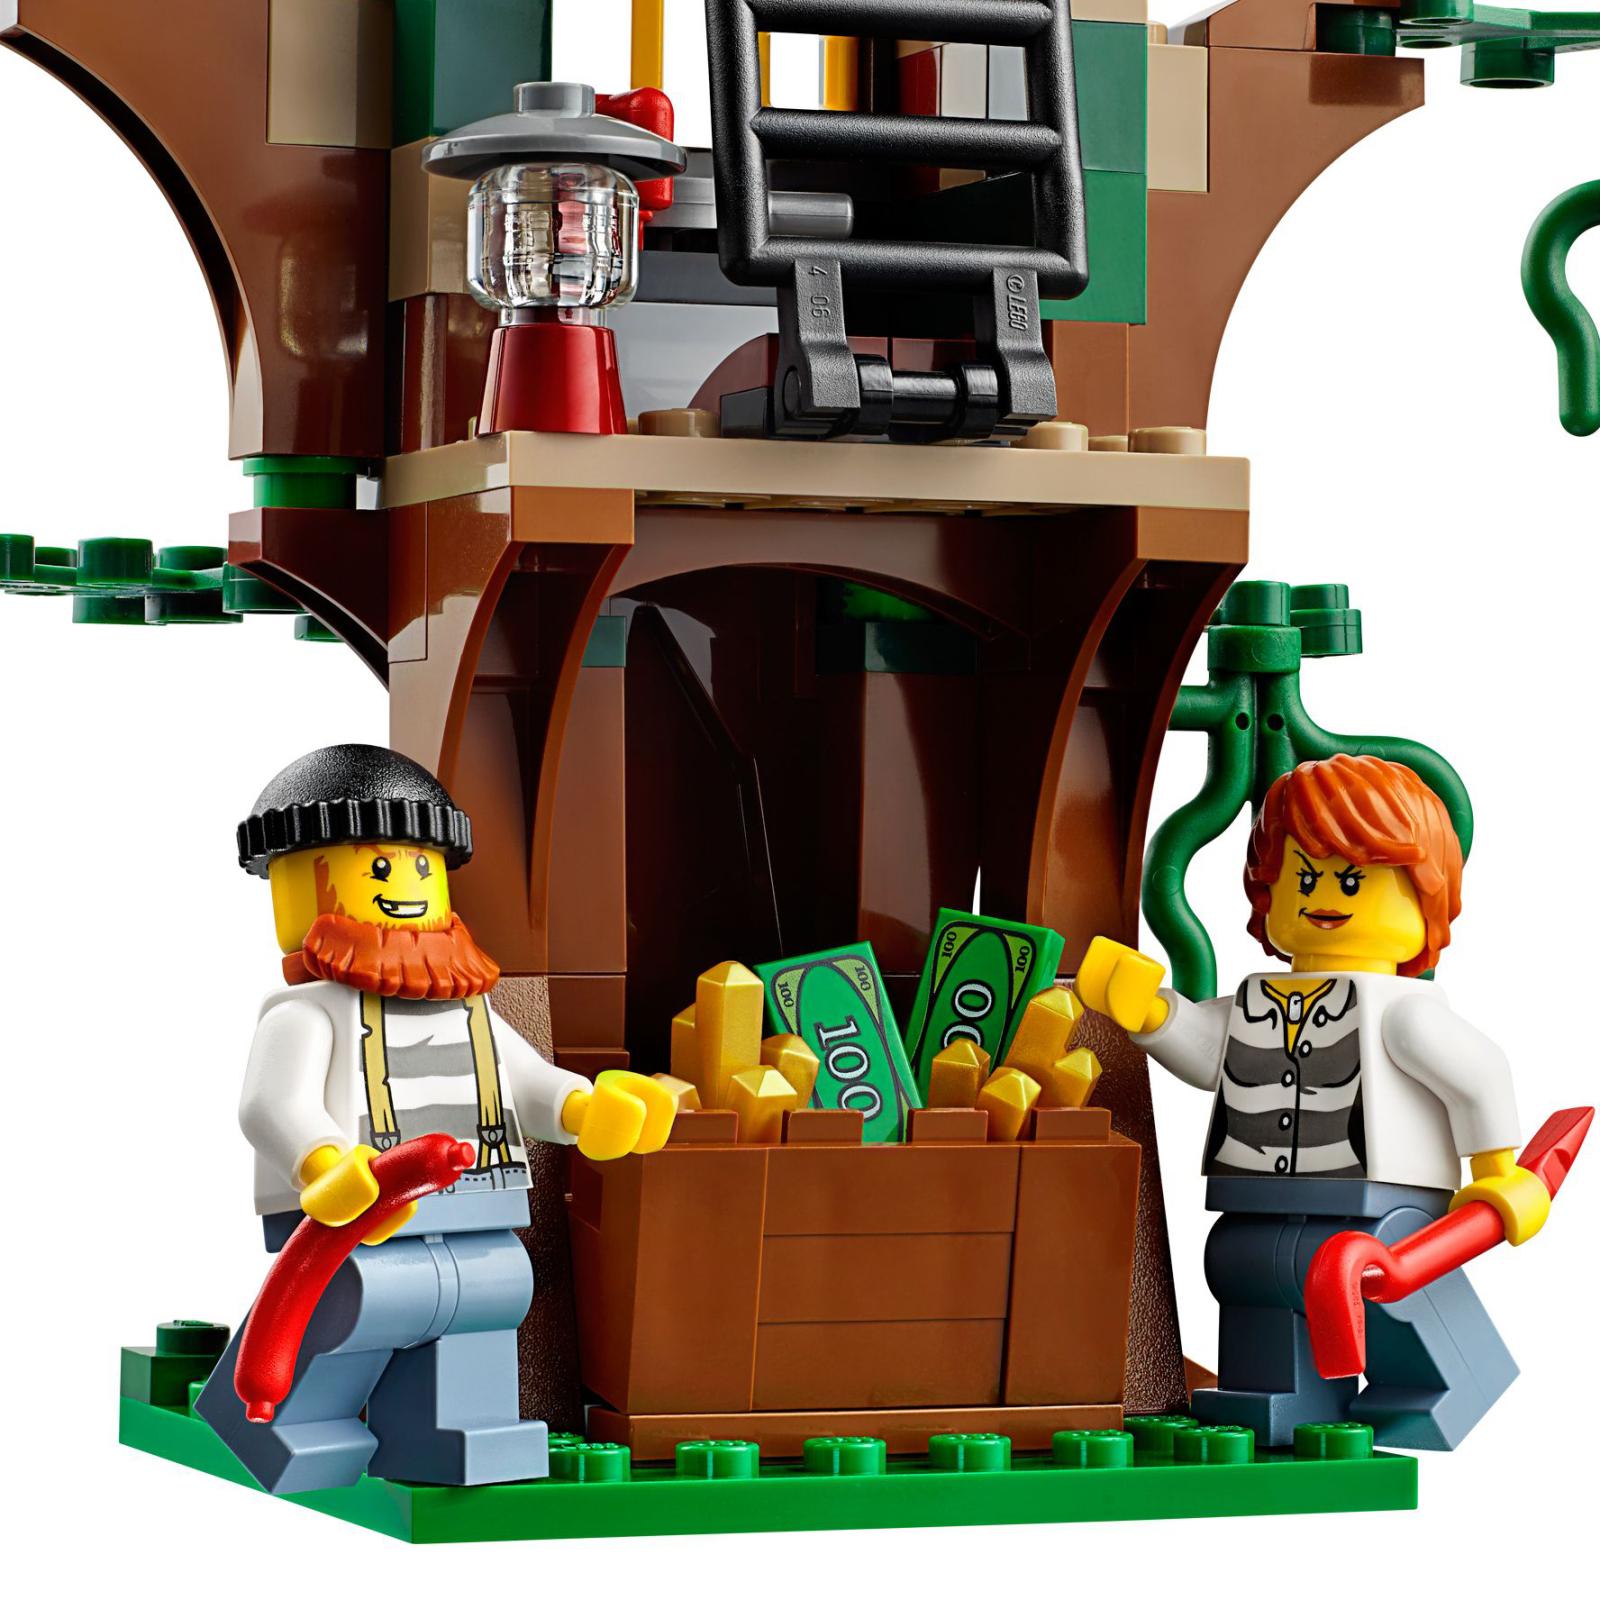 Конструктор LEGO City Полицейский корабль на воздушной подушке (60071) изображение 6